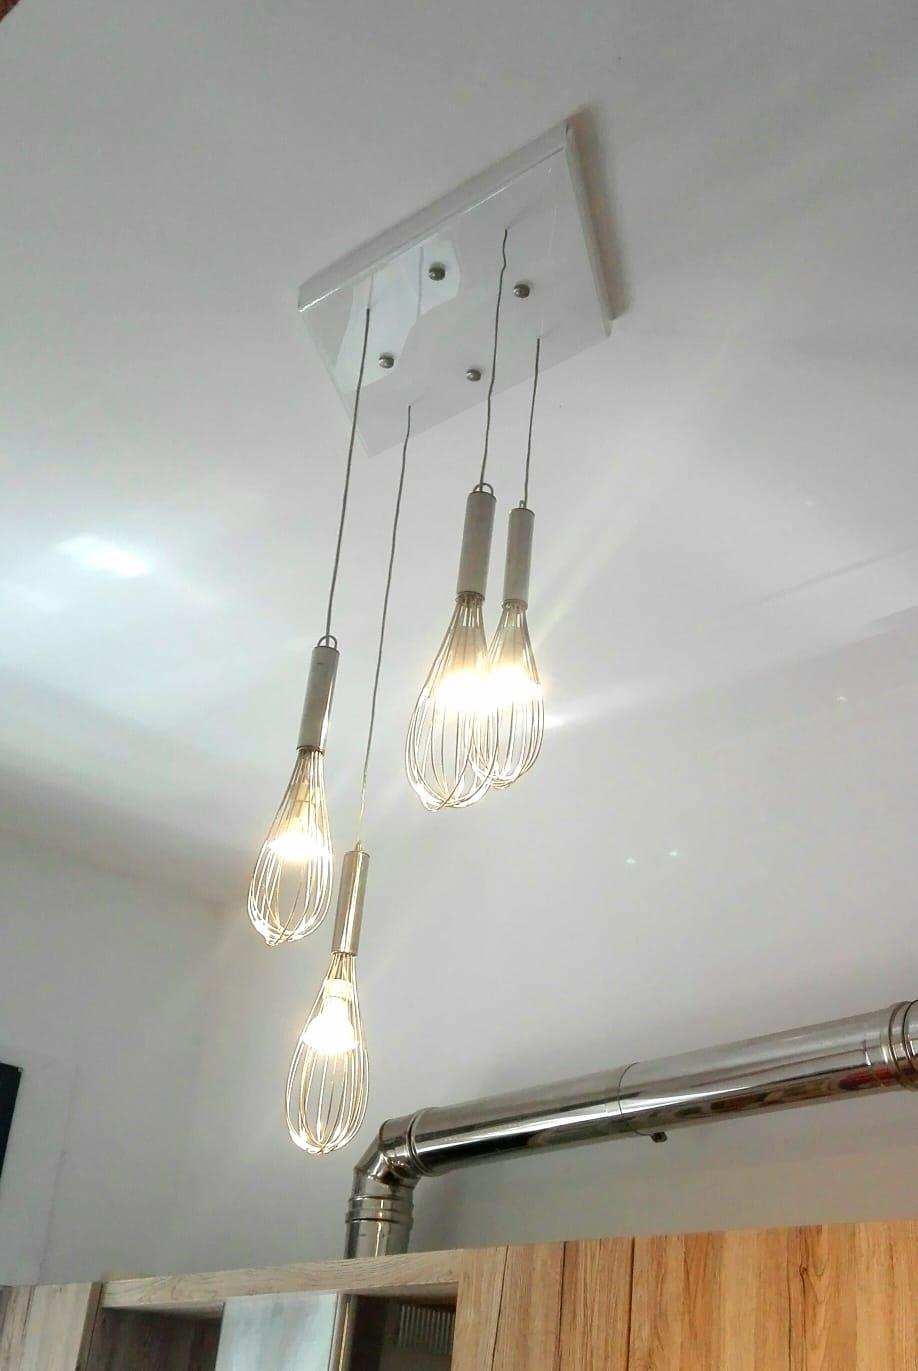 Lampadari Fai Da Te.Lampadari Originali Fai Da Te 4 Idee Stravaganti Per La Tua Casa